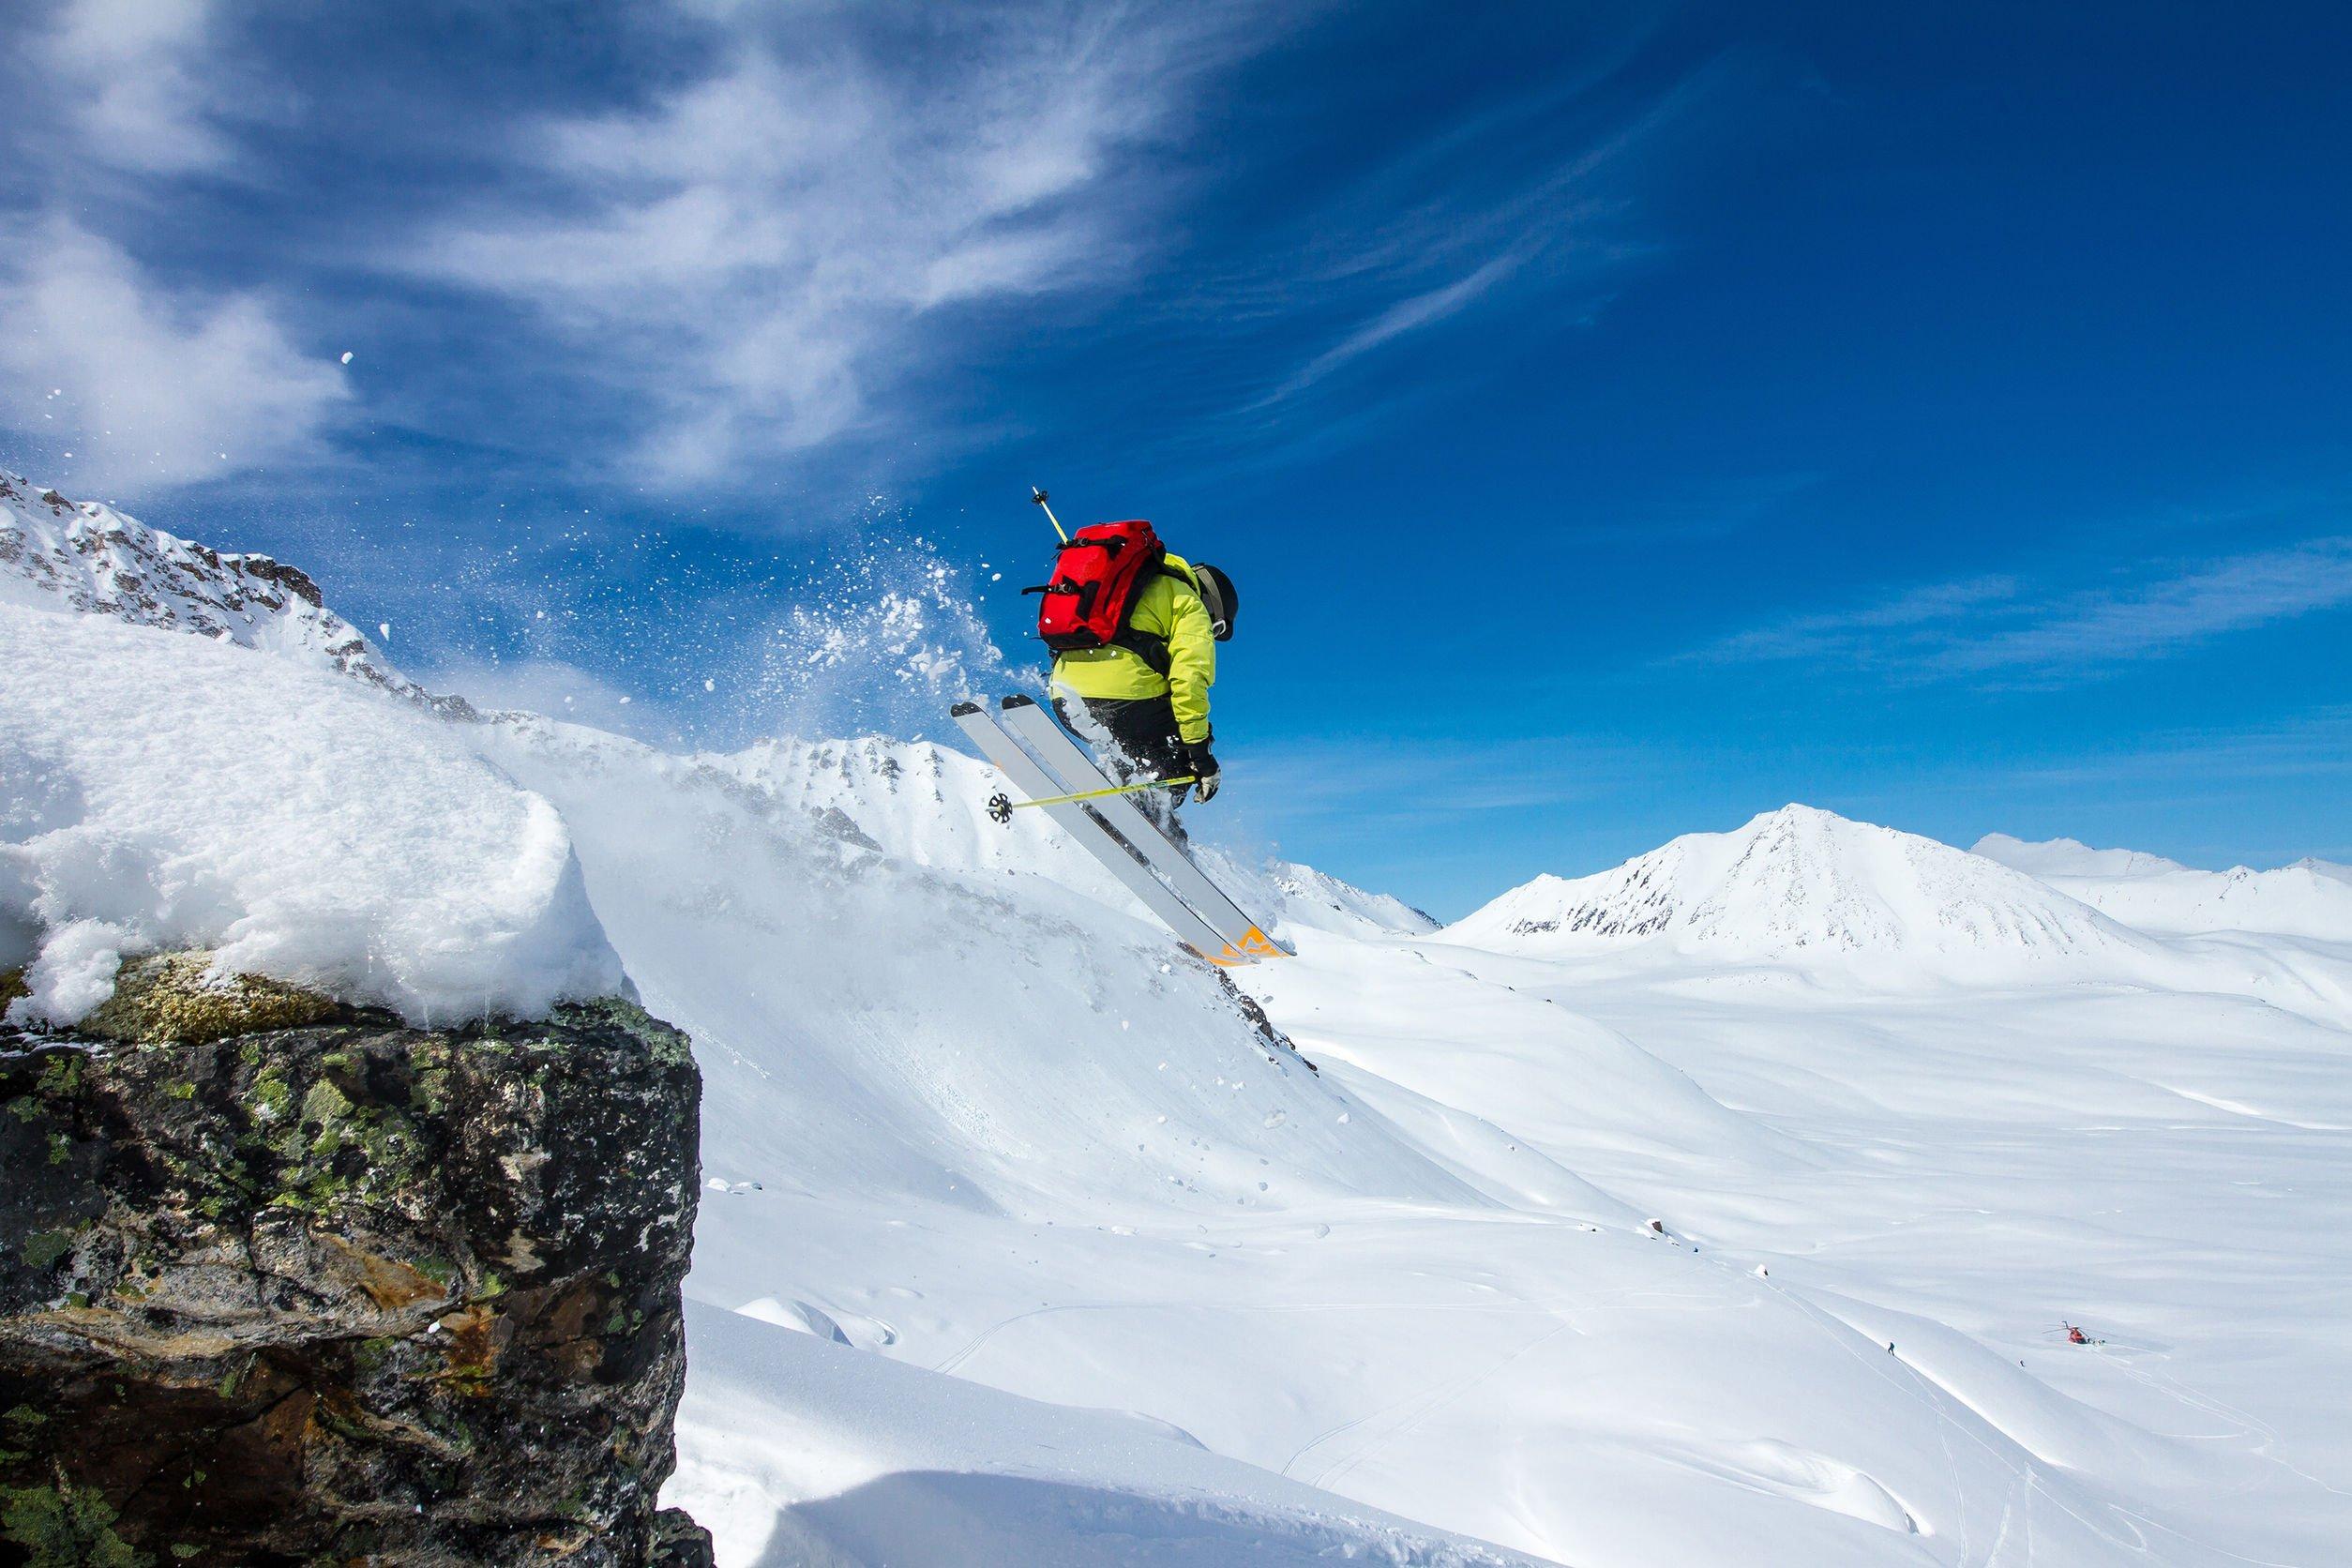 ski-victoria-snow-australia